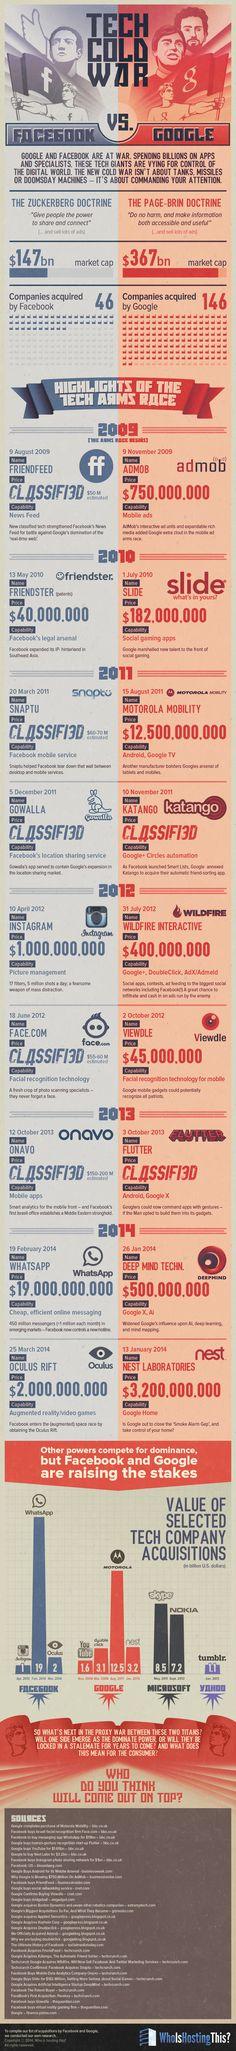 Read more: http://www.socialistening.it/infografica-guerra-fredda-facebook-google/  #infographic #infografica  ITA/ENG  Questa infografica mostra gli investimenti di Facebook e Google dal 2009 al 2014 in quella che viene definita la guerra fredda del web. / Facebook vs Google. Tech Cold War 2009-2014